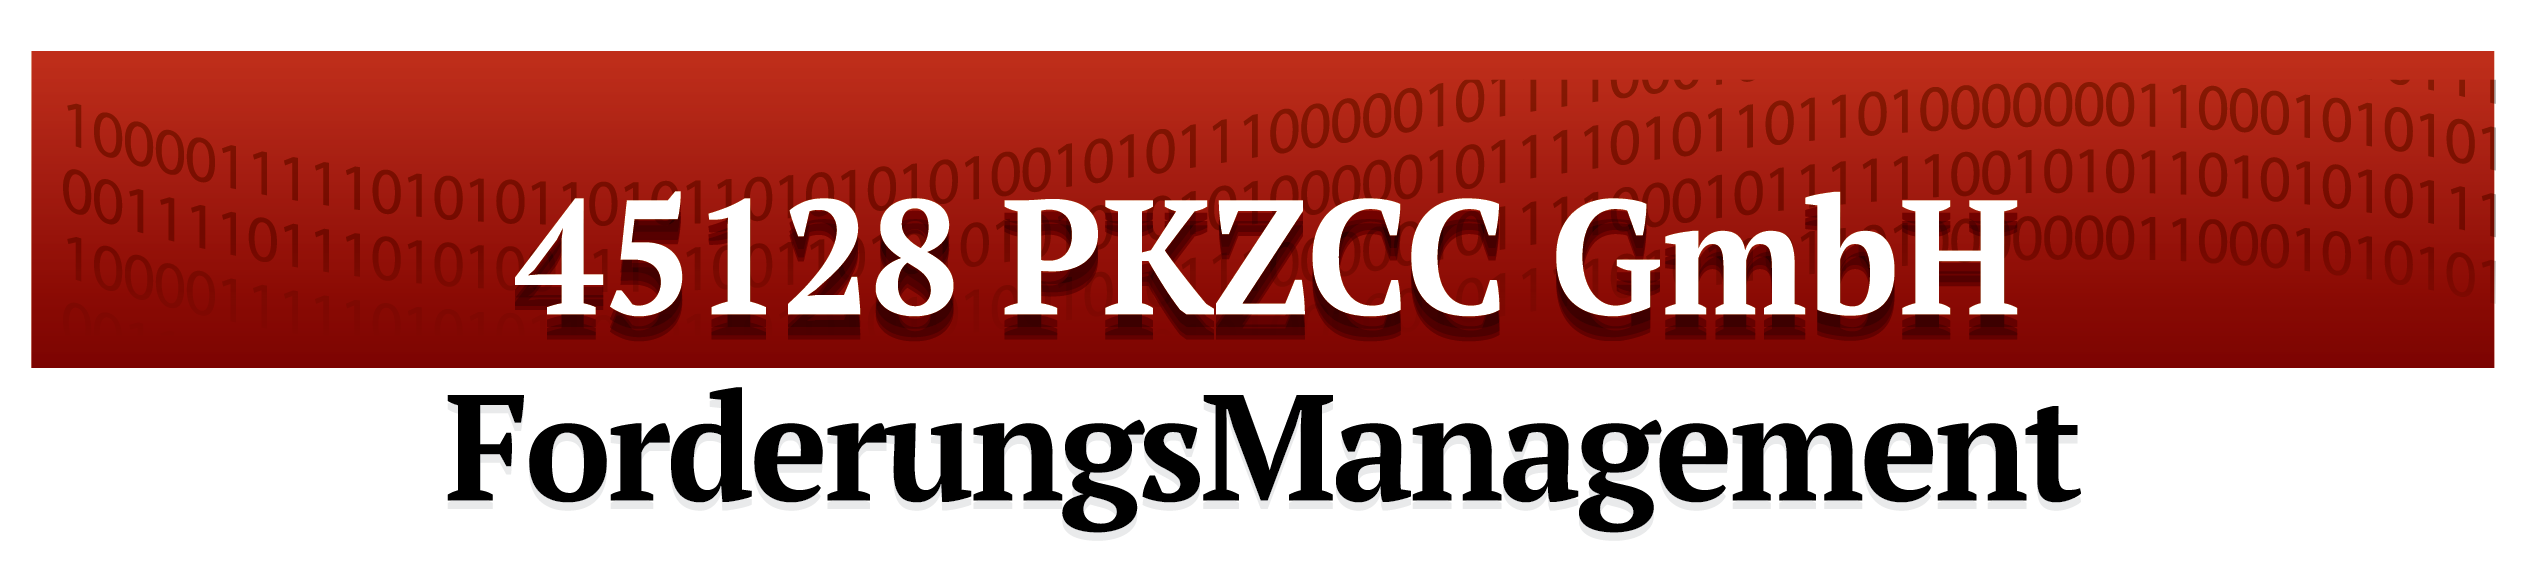 45128 PKZCC GmbH 05032020